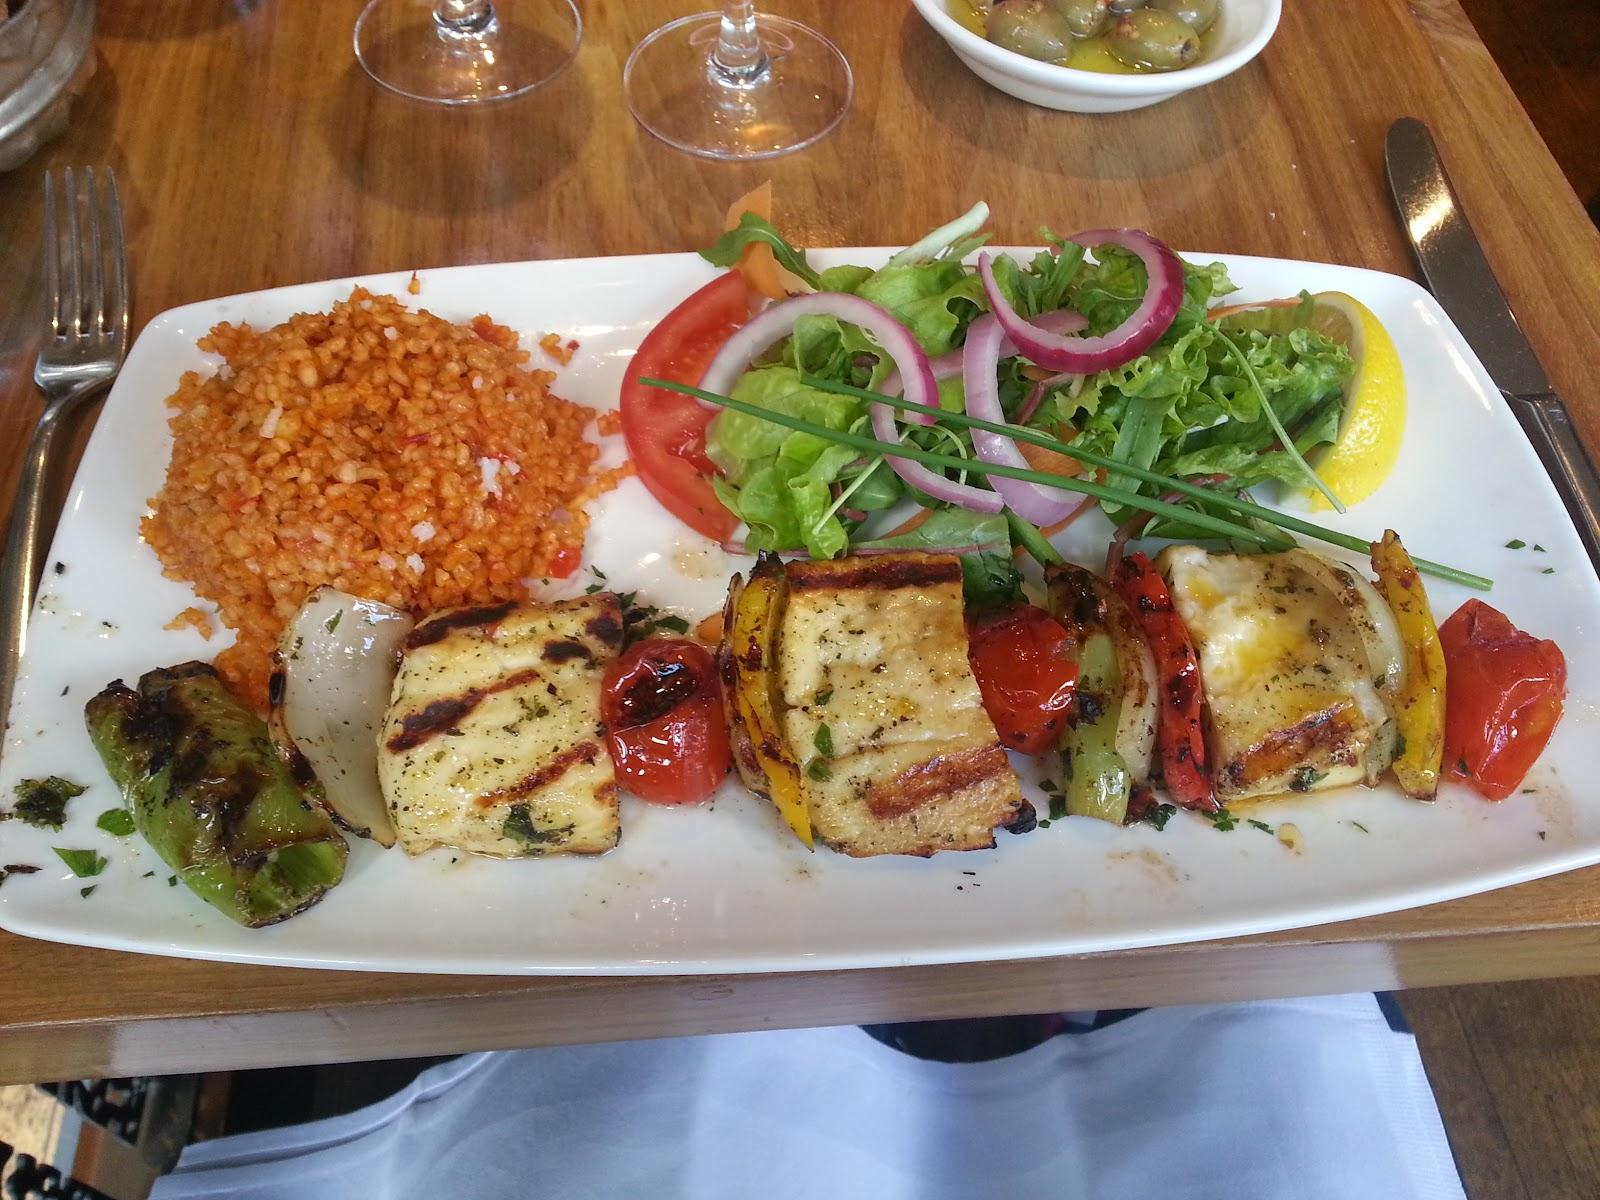 افضل 8 مطاعم في لندن مفضلة عند العرب